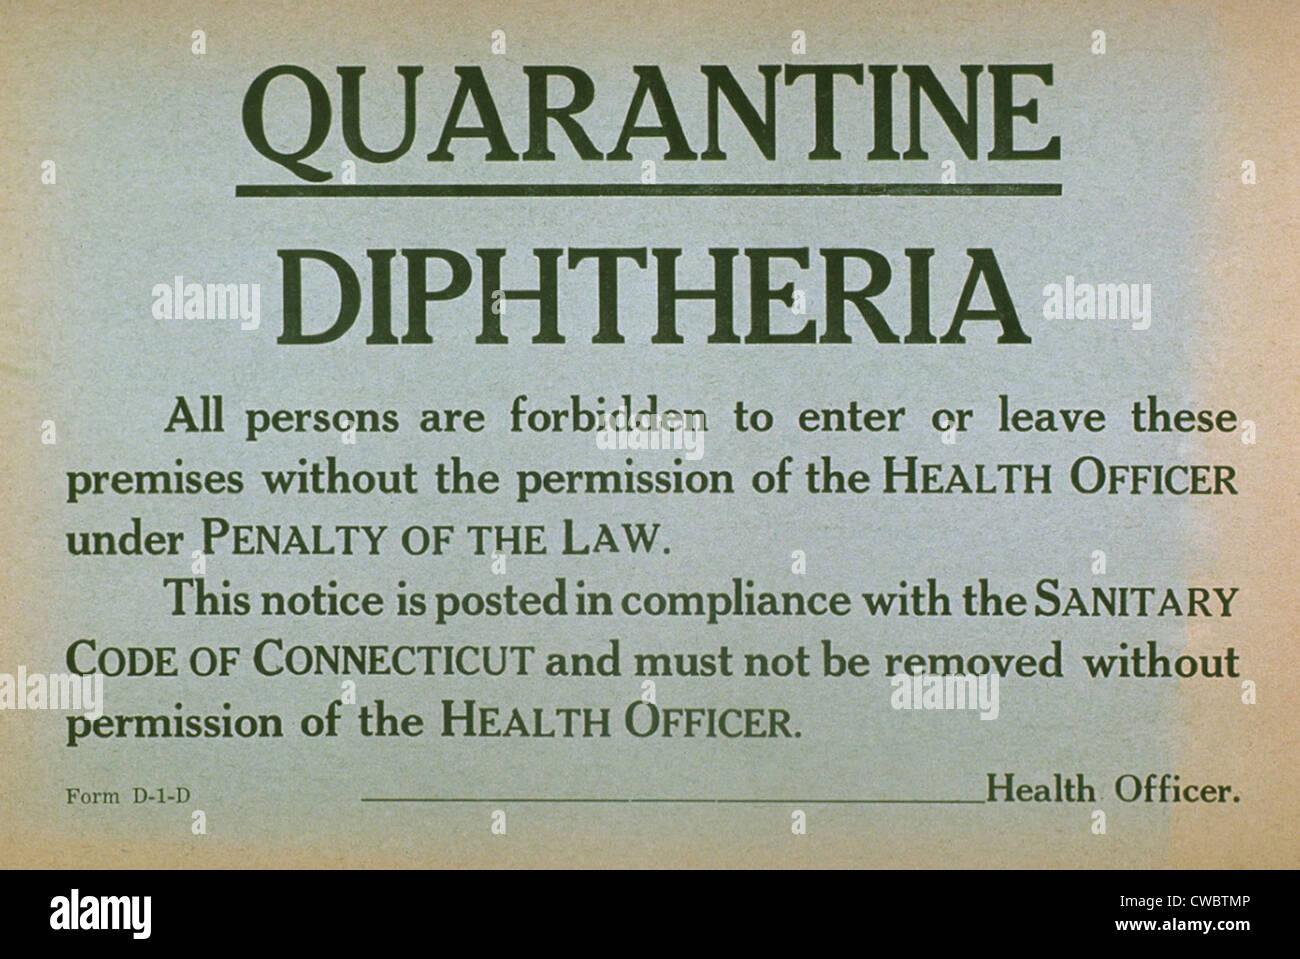 A principios del siglo XX, signo de cuarentena para la enfermedad contagiosa difteria. Imagen De Stock